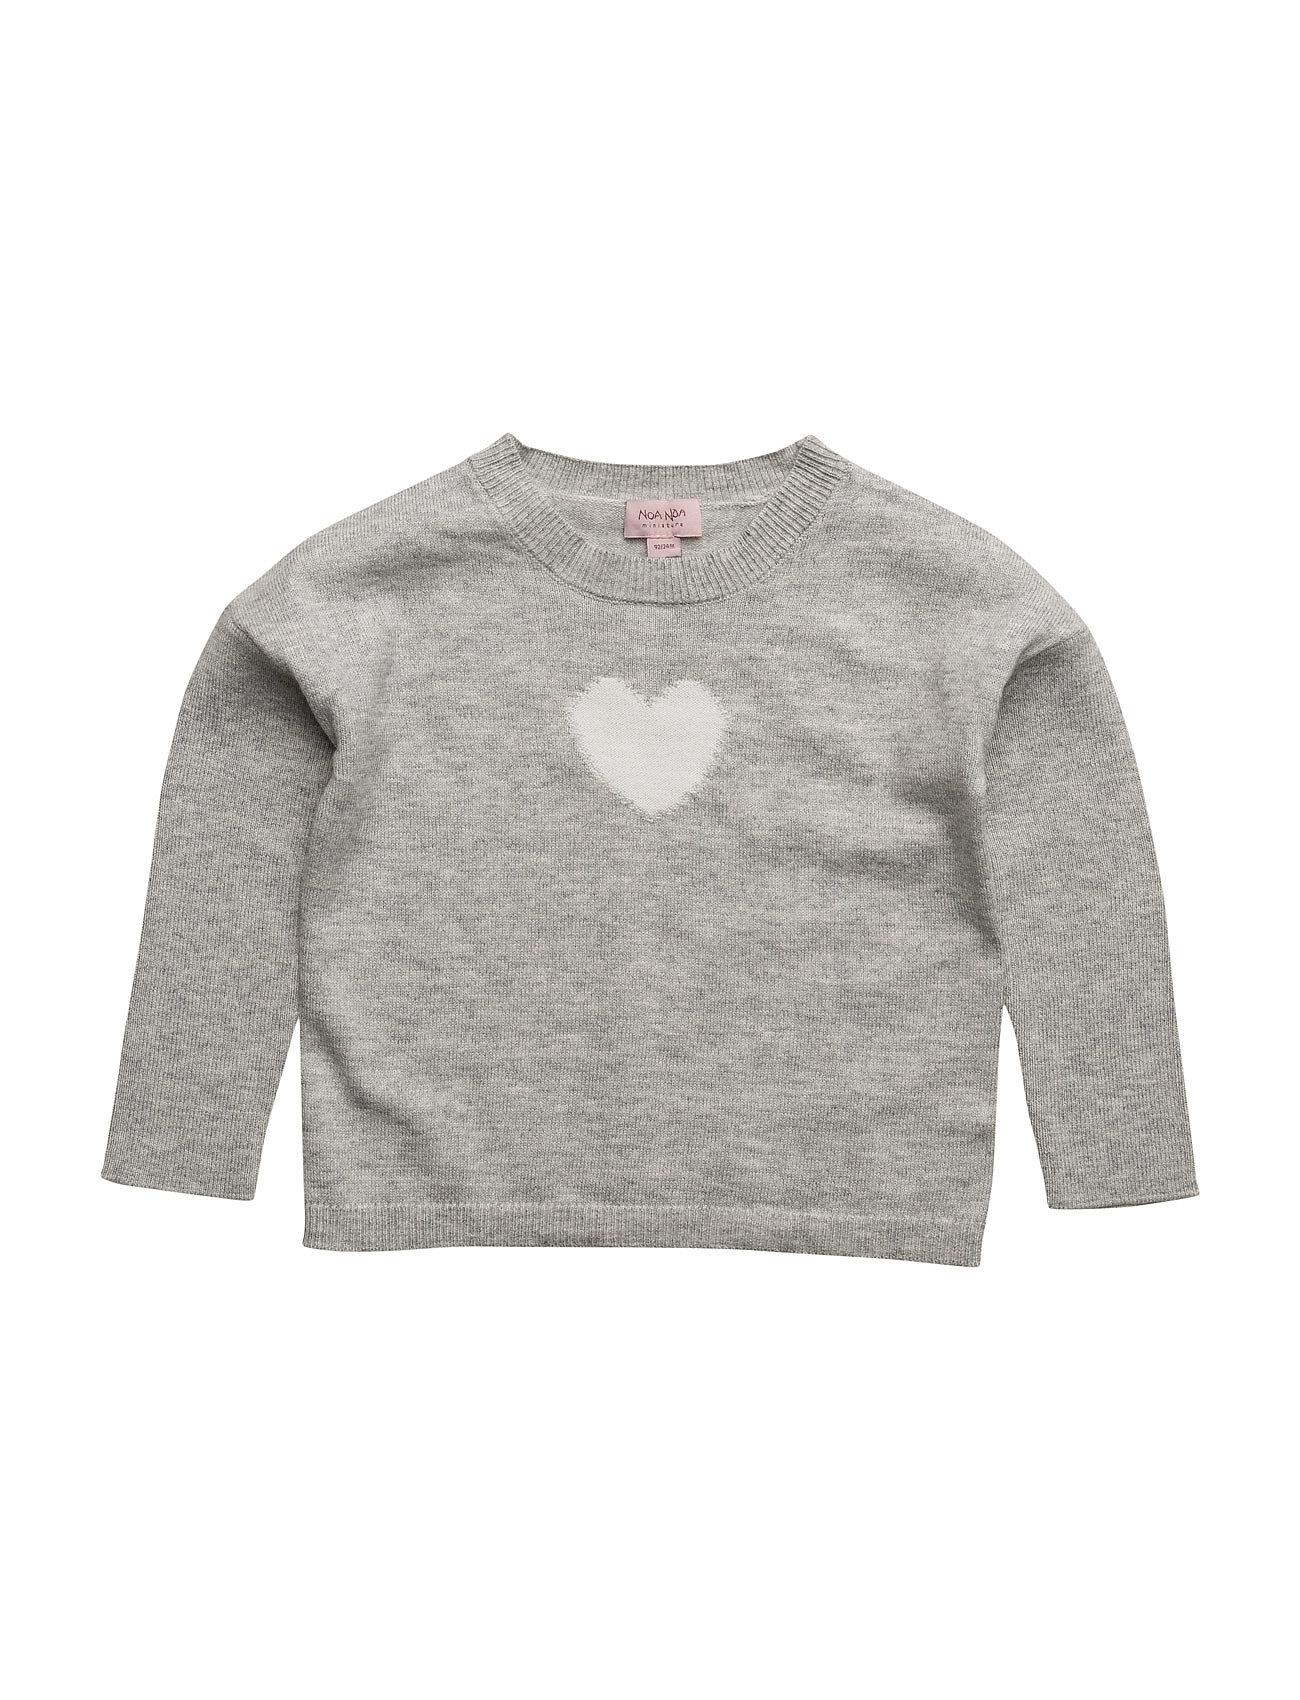 Pullover Noa Noa Miniature  til Børn i Grey Melange